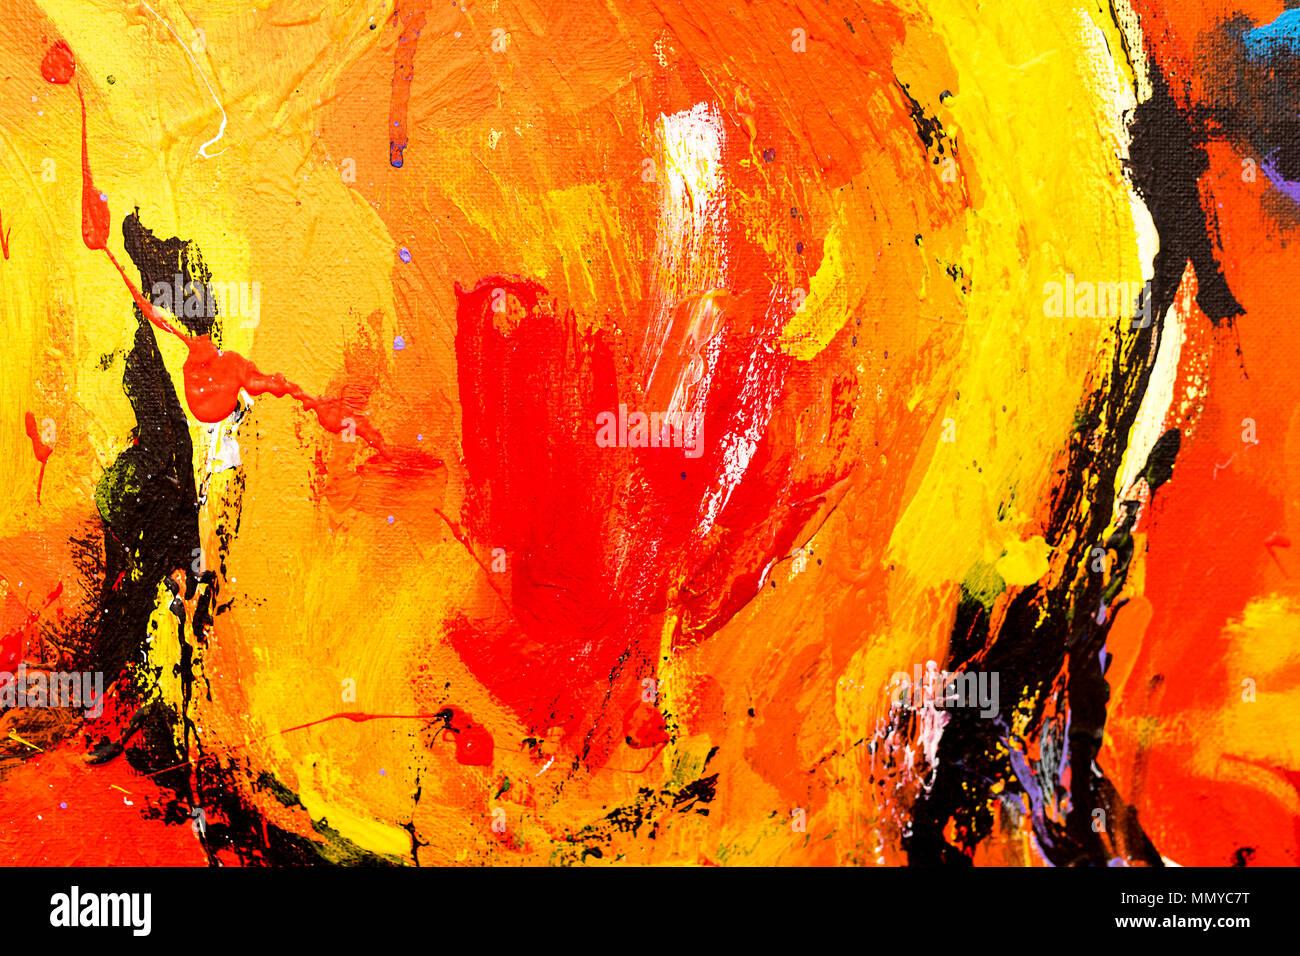 warme farben malerei, eine lebendige, farbenfrohe und Öl und acryl abstrakte malerei auf, Innenarchitektur